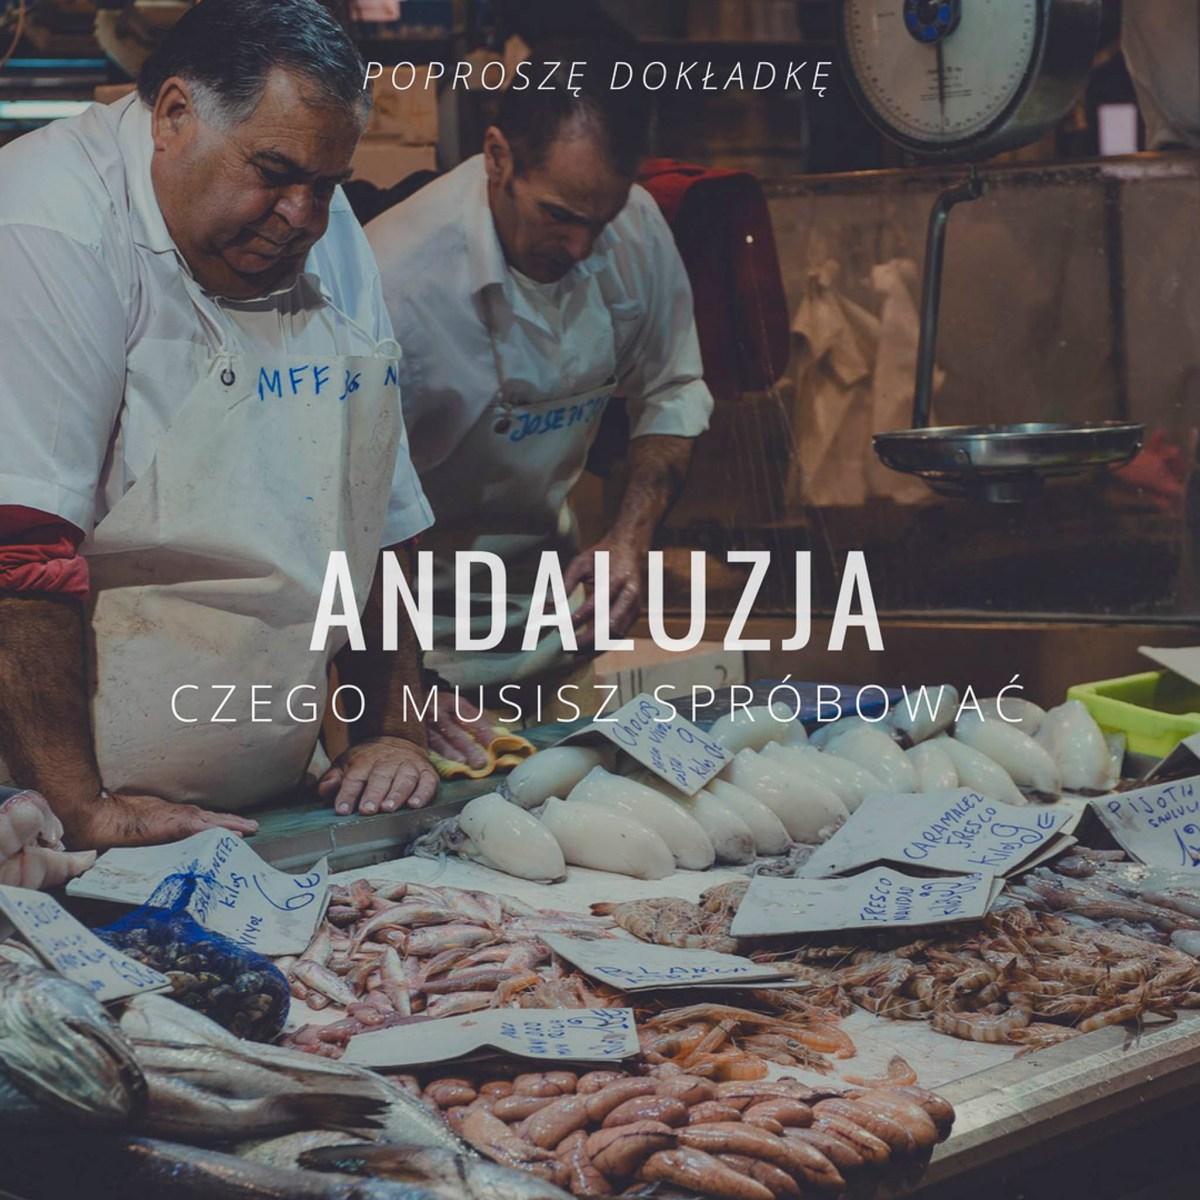 Tego musisz spróbować w Andaluzji!